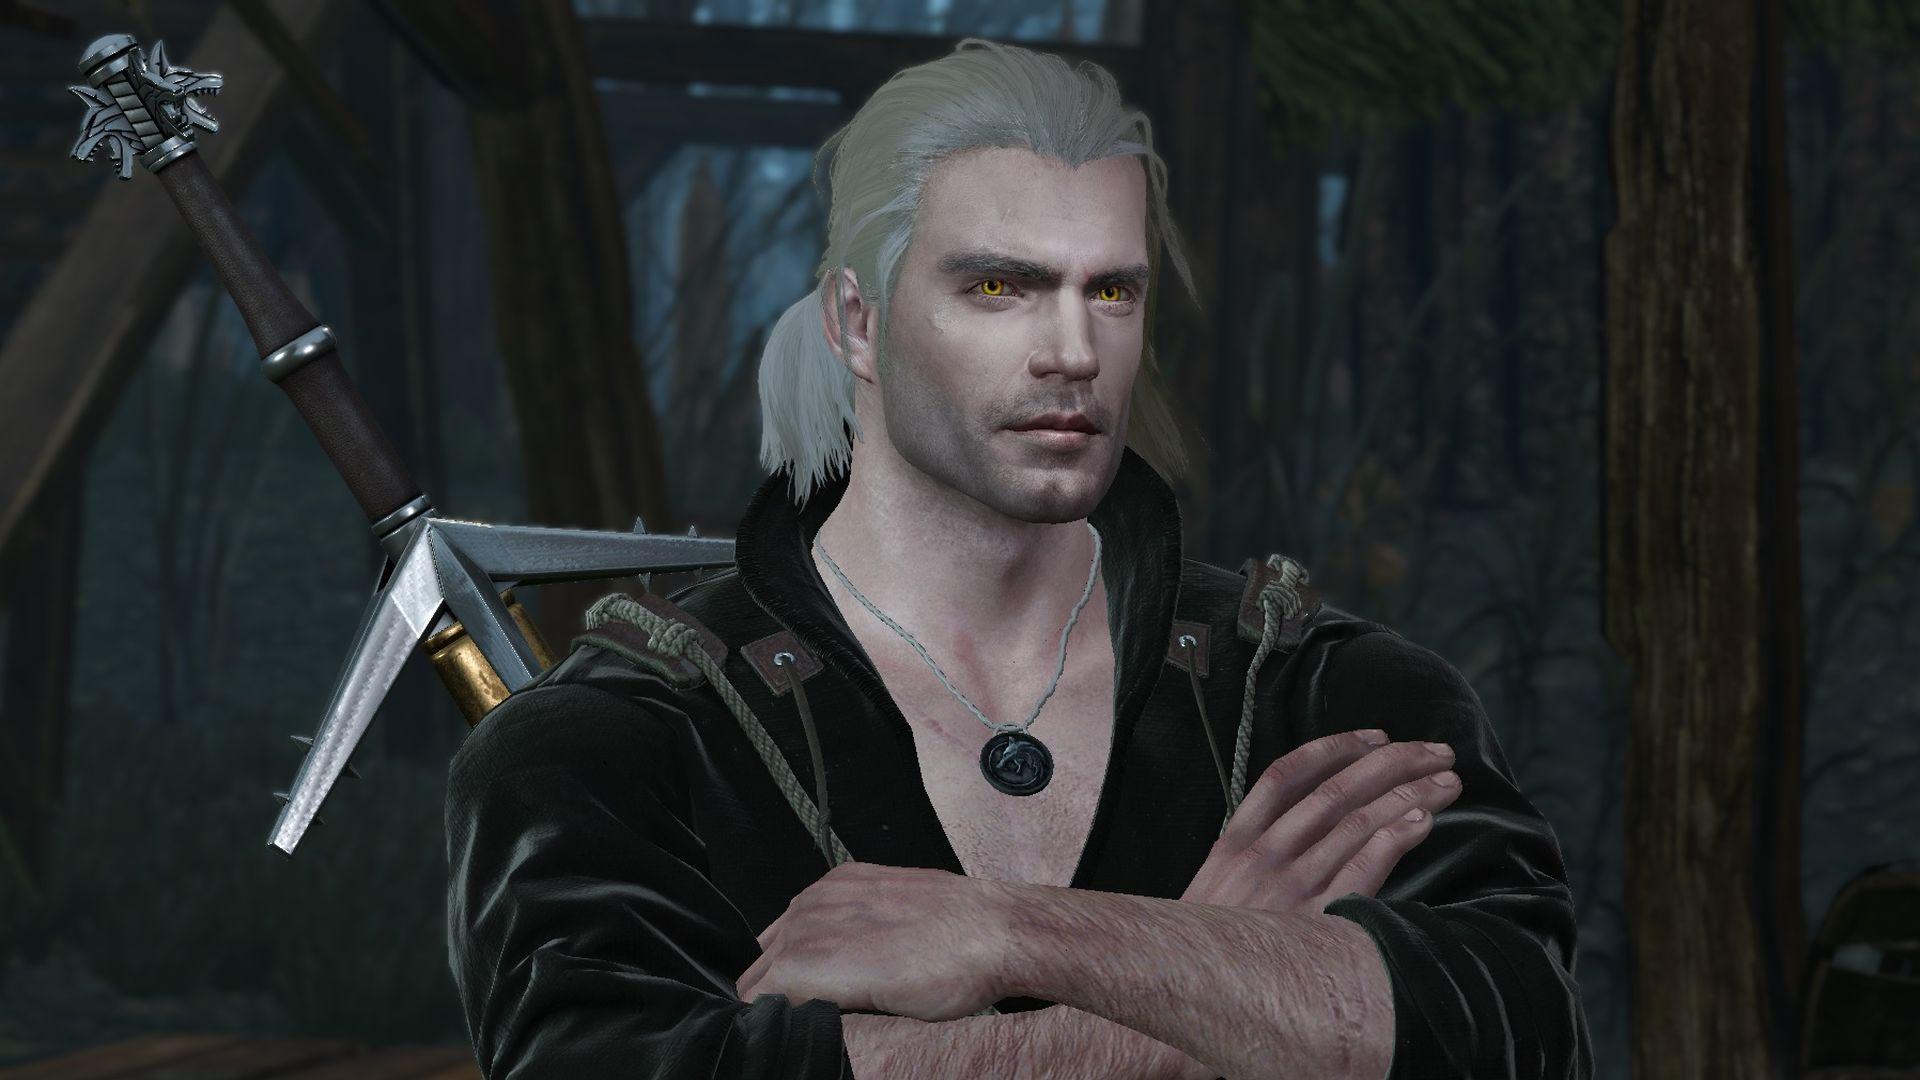 Gracias a los modders ya se puede jugar The Witcher 3 con Henry Cavill como Geralt